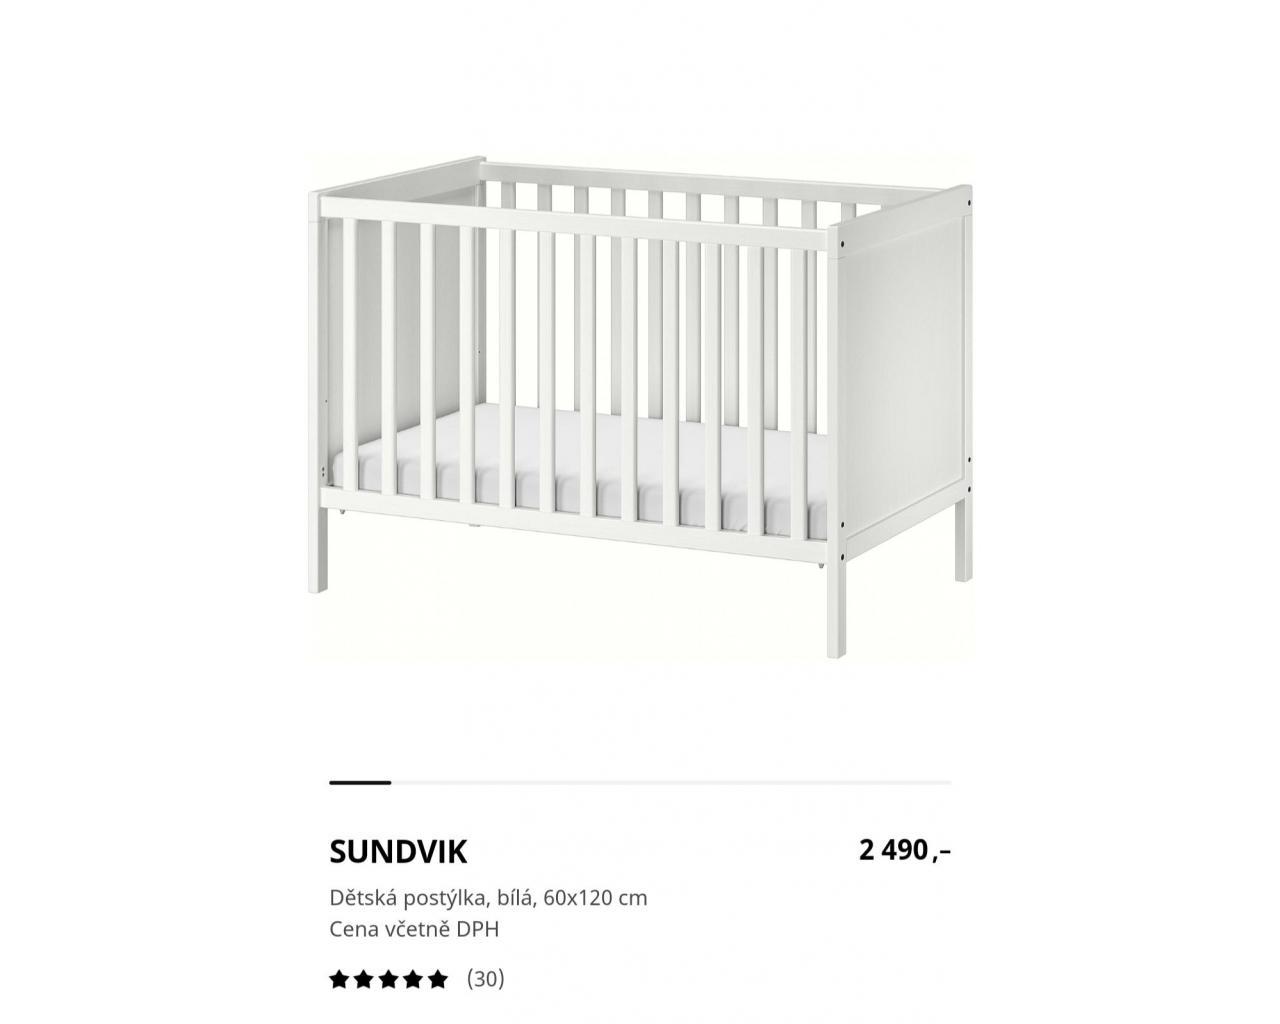 Dětská postýlka Sundvik